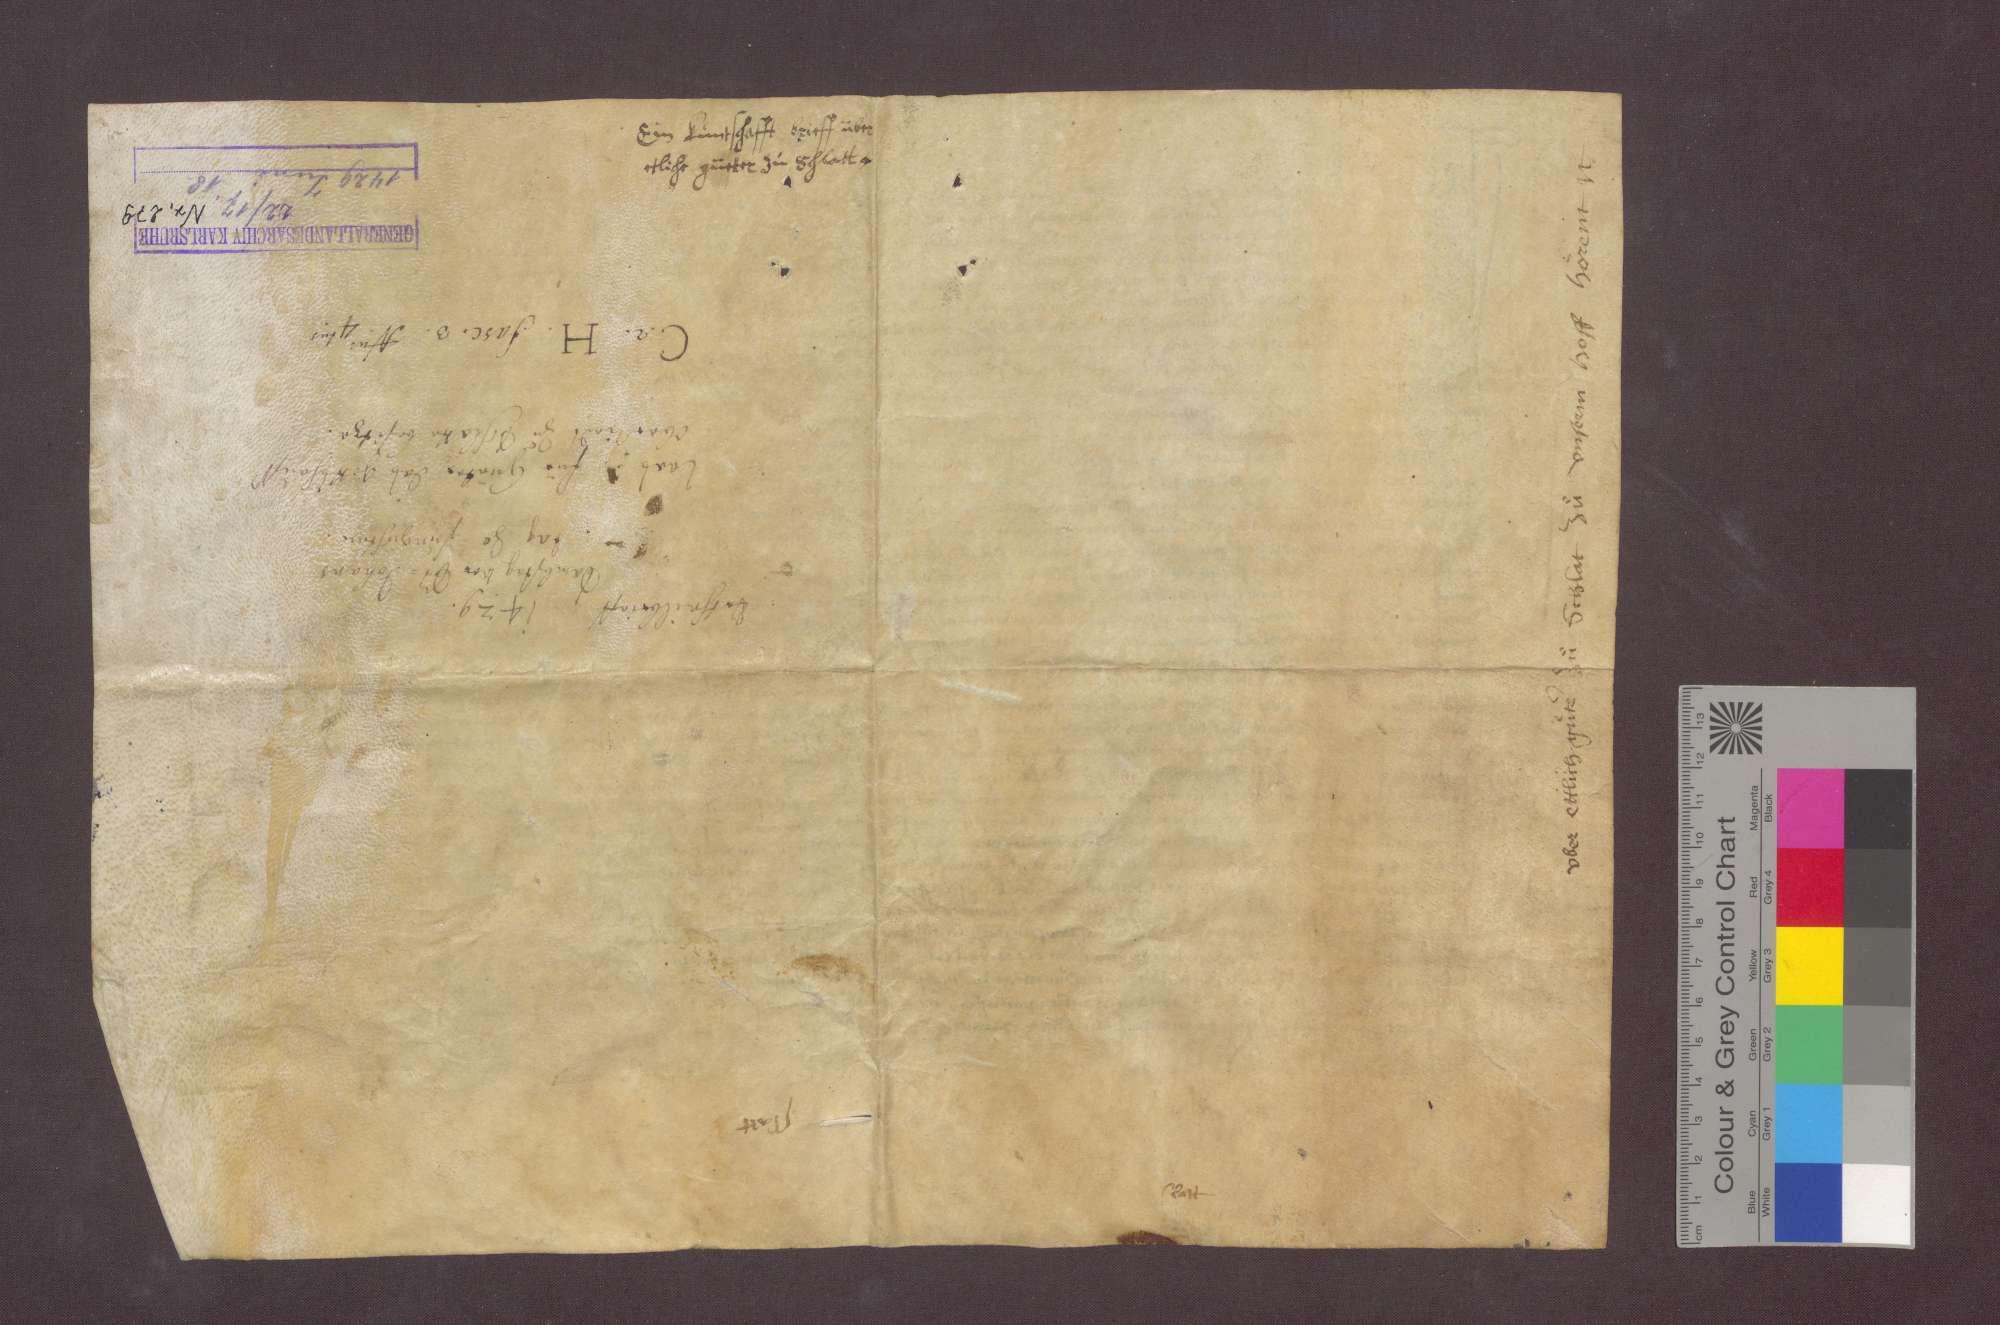 Das Gericht zu Freiburg spricht auf die nach dem Urteilsspruch von 1428 Juni 15 (GLA 22 Nr. 278) eingeholten Kundschaften hin den zwischen Hartmann von Feldkirch und Henni Fuchs einerseits und dem Kloster Oberried im Wald andererseits strittigen Zins von Gütern zu Schlatt dem Kloster zu., Bild 2